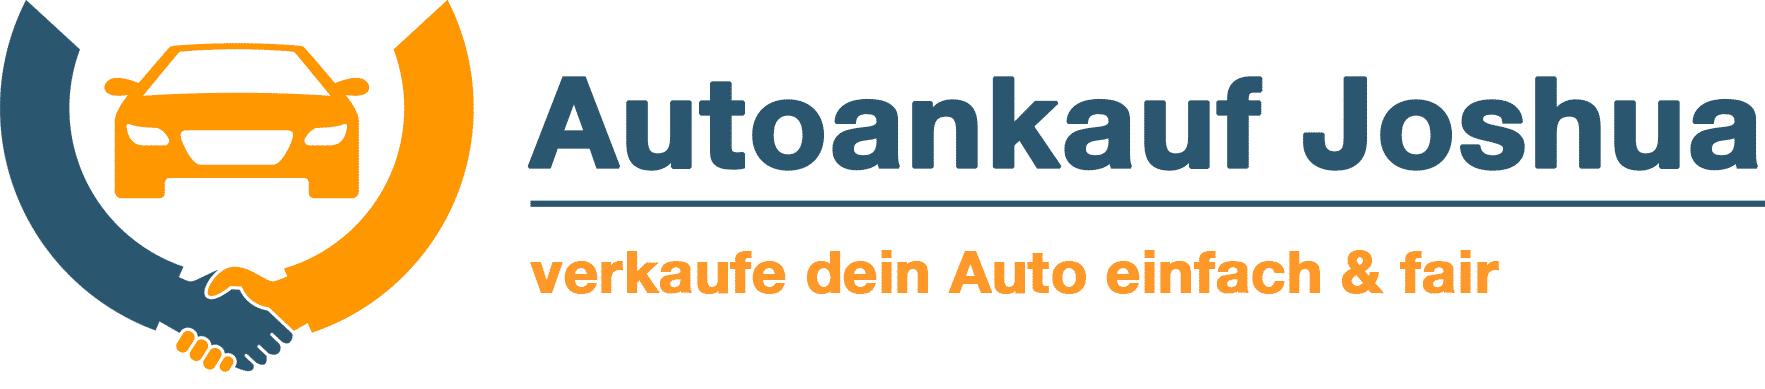 autoankauf-joshua.de